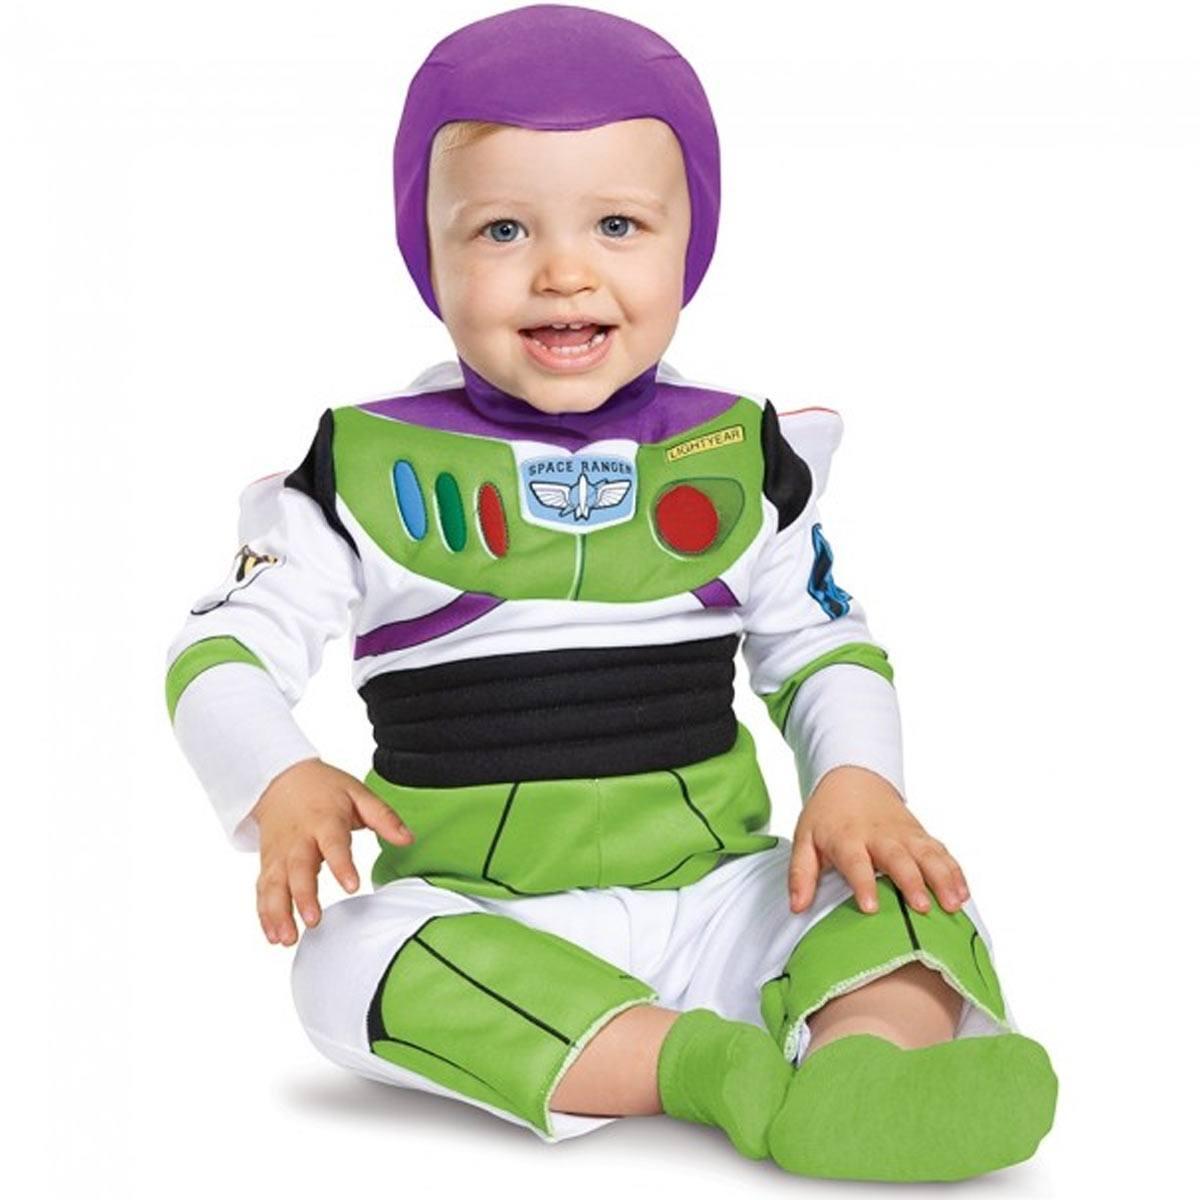 トイストーリー4 バズライトイヤー 仮装 幼児用 衣装 ベービー用 着ぐるみ キッズ用 ハロウィン Toy Story 4